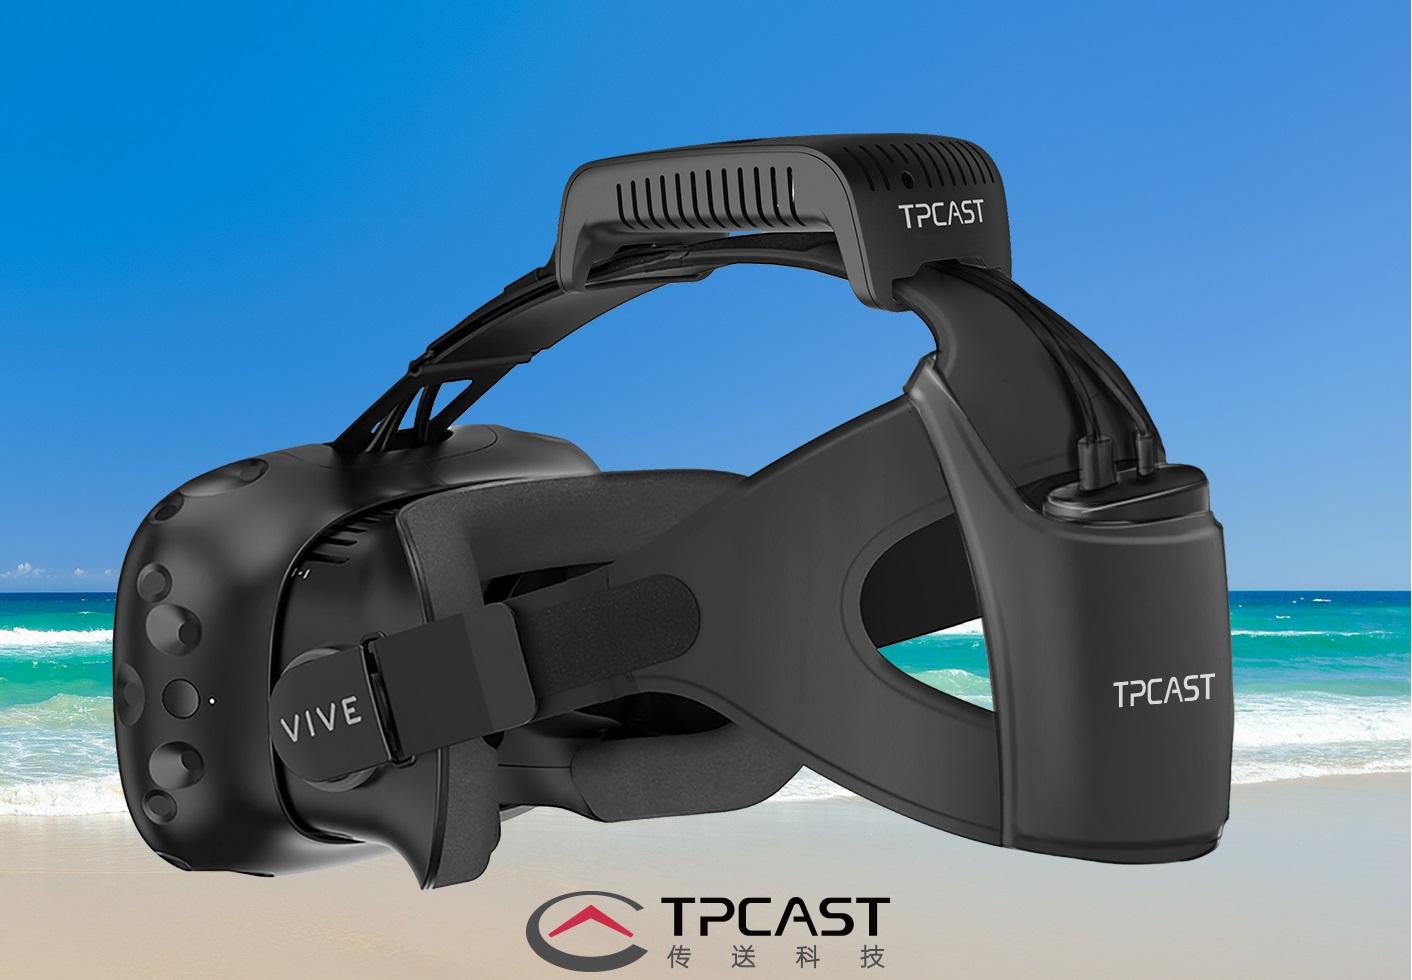 無線版HTC VIVE方案推出!向下相容所有VIVE設備 - Vive   Blog